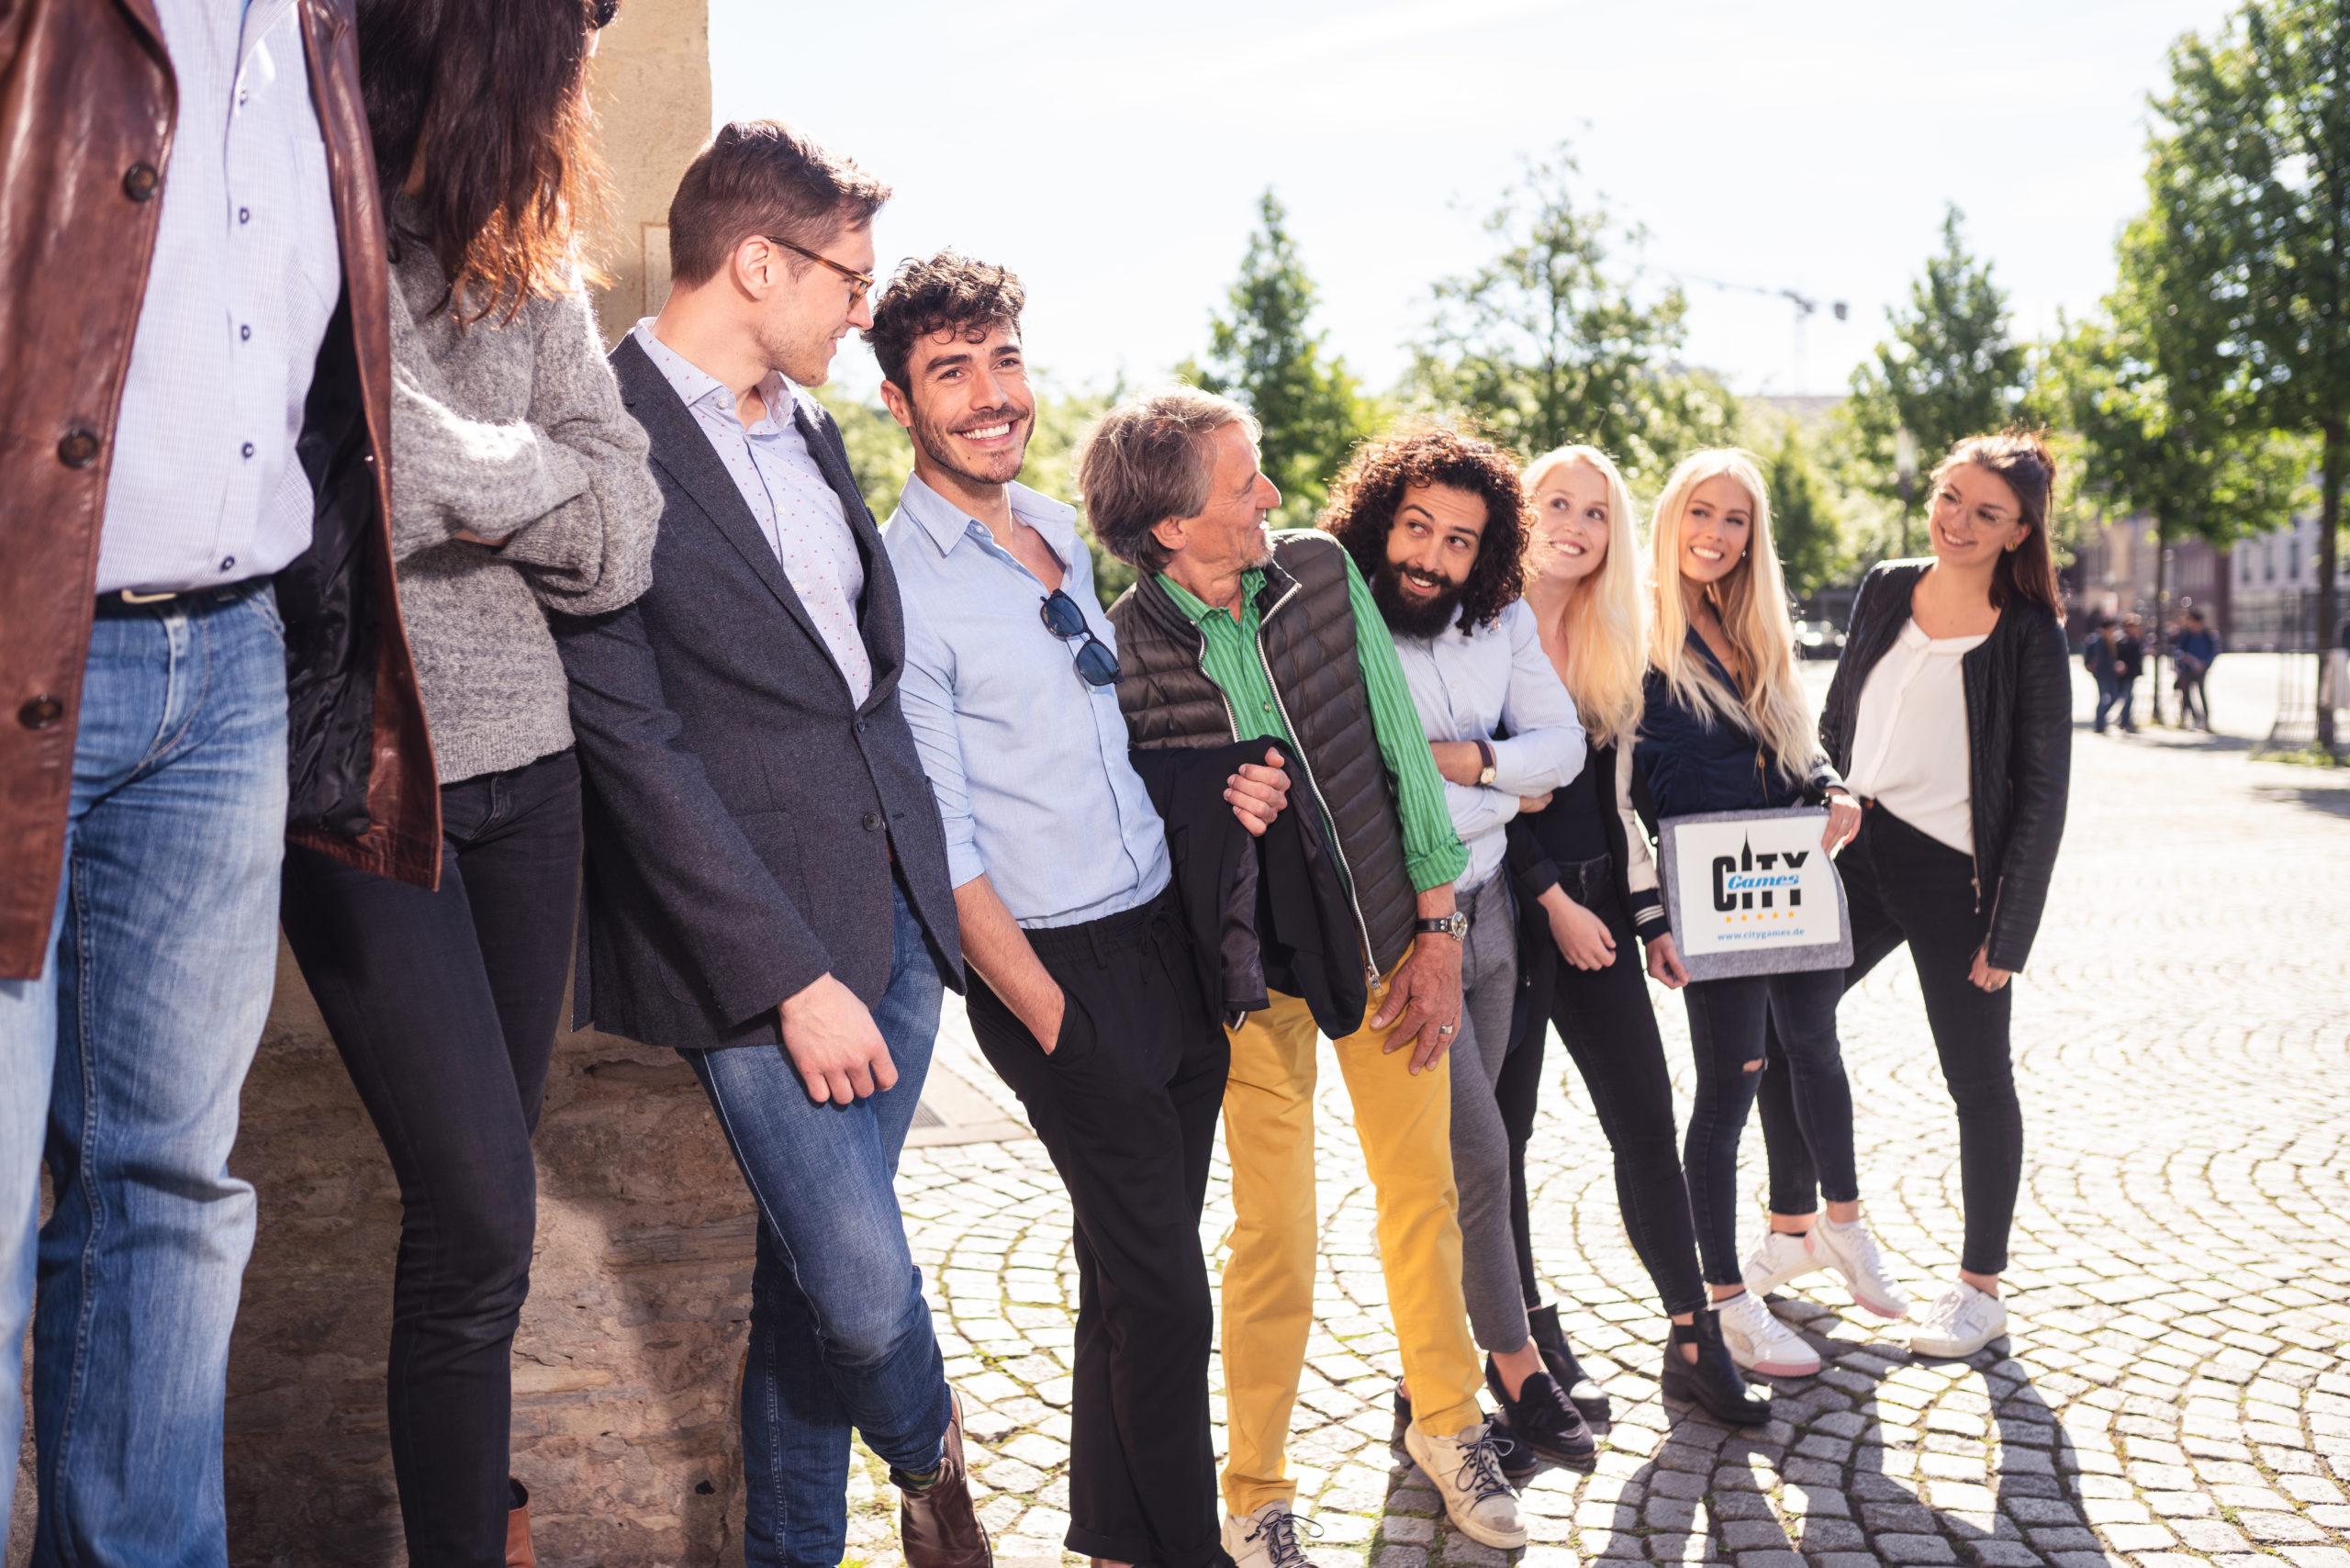 CityGames Dresden Firmen Team Tour: Firmengruppe